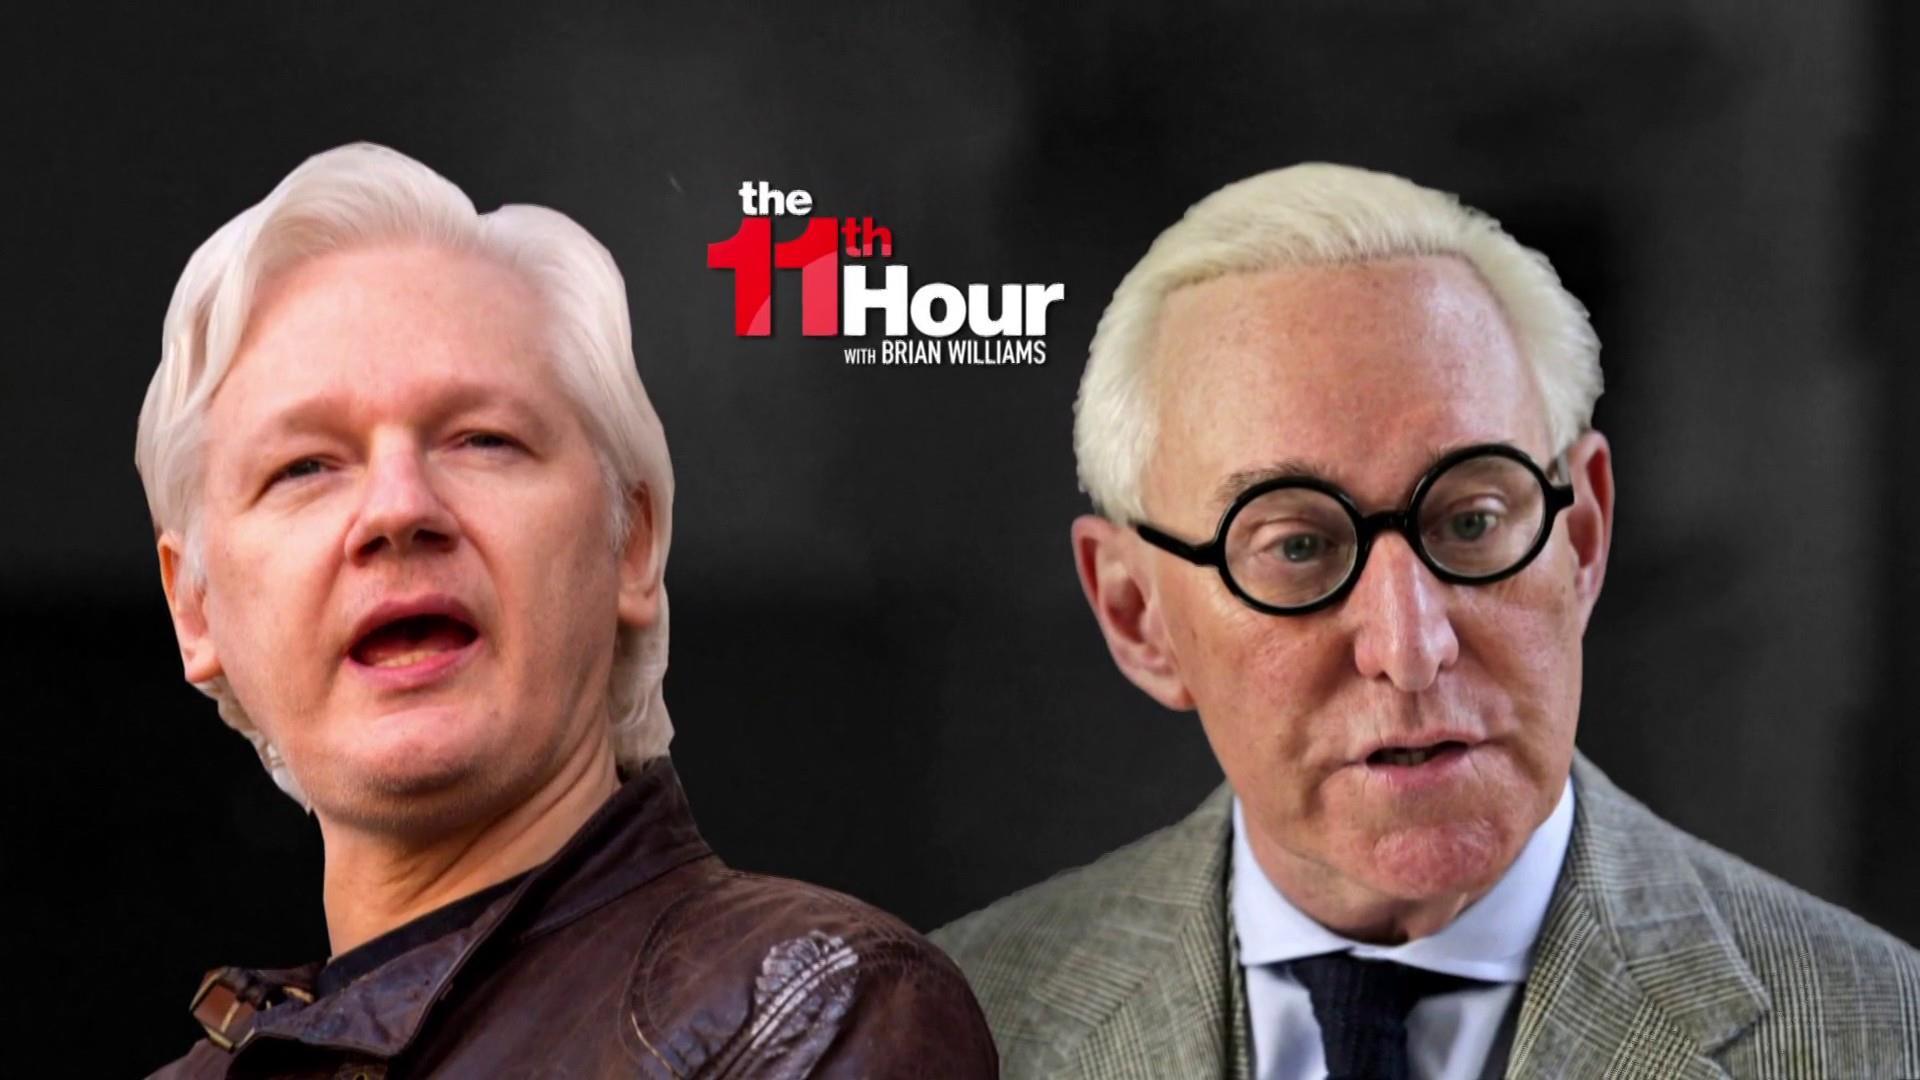 WSJ: Mueller probing Roger Stone's ties to Wikileaks' Assange